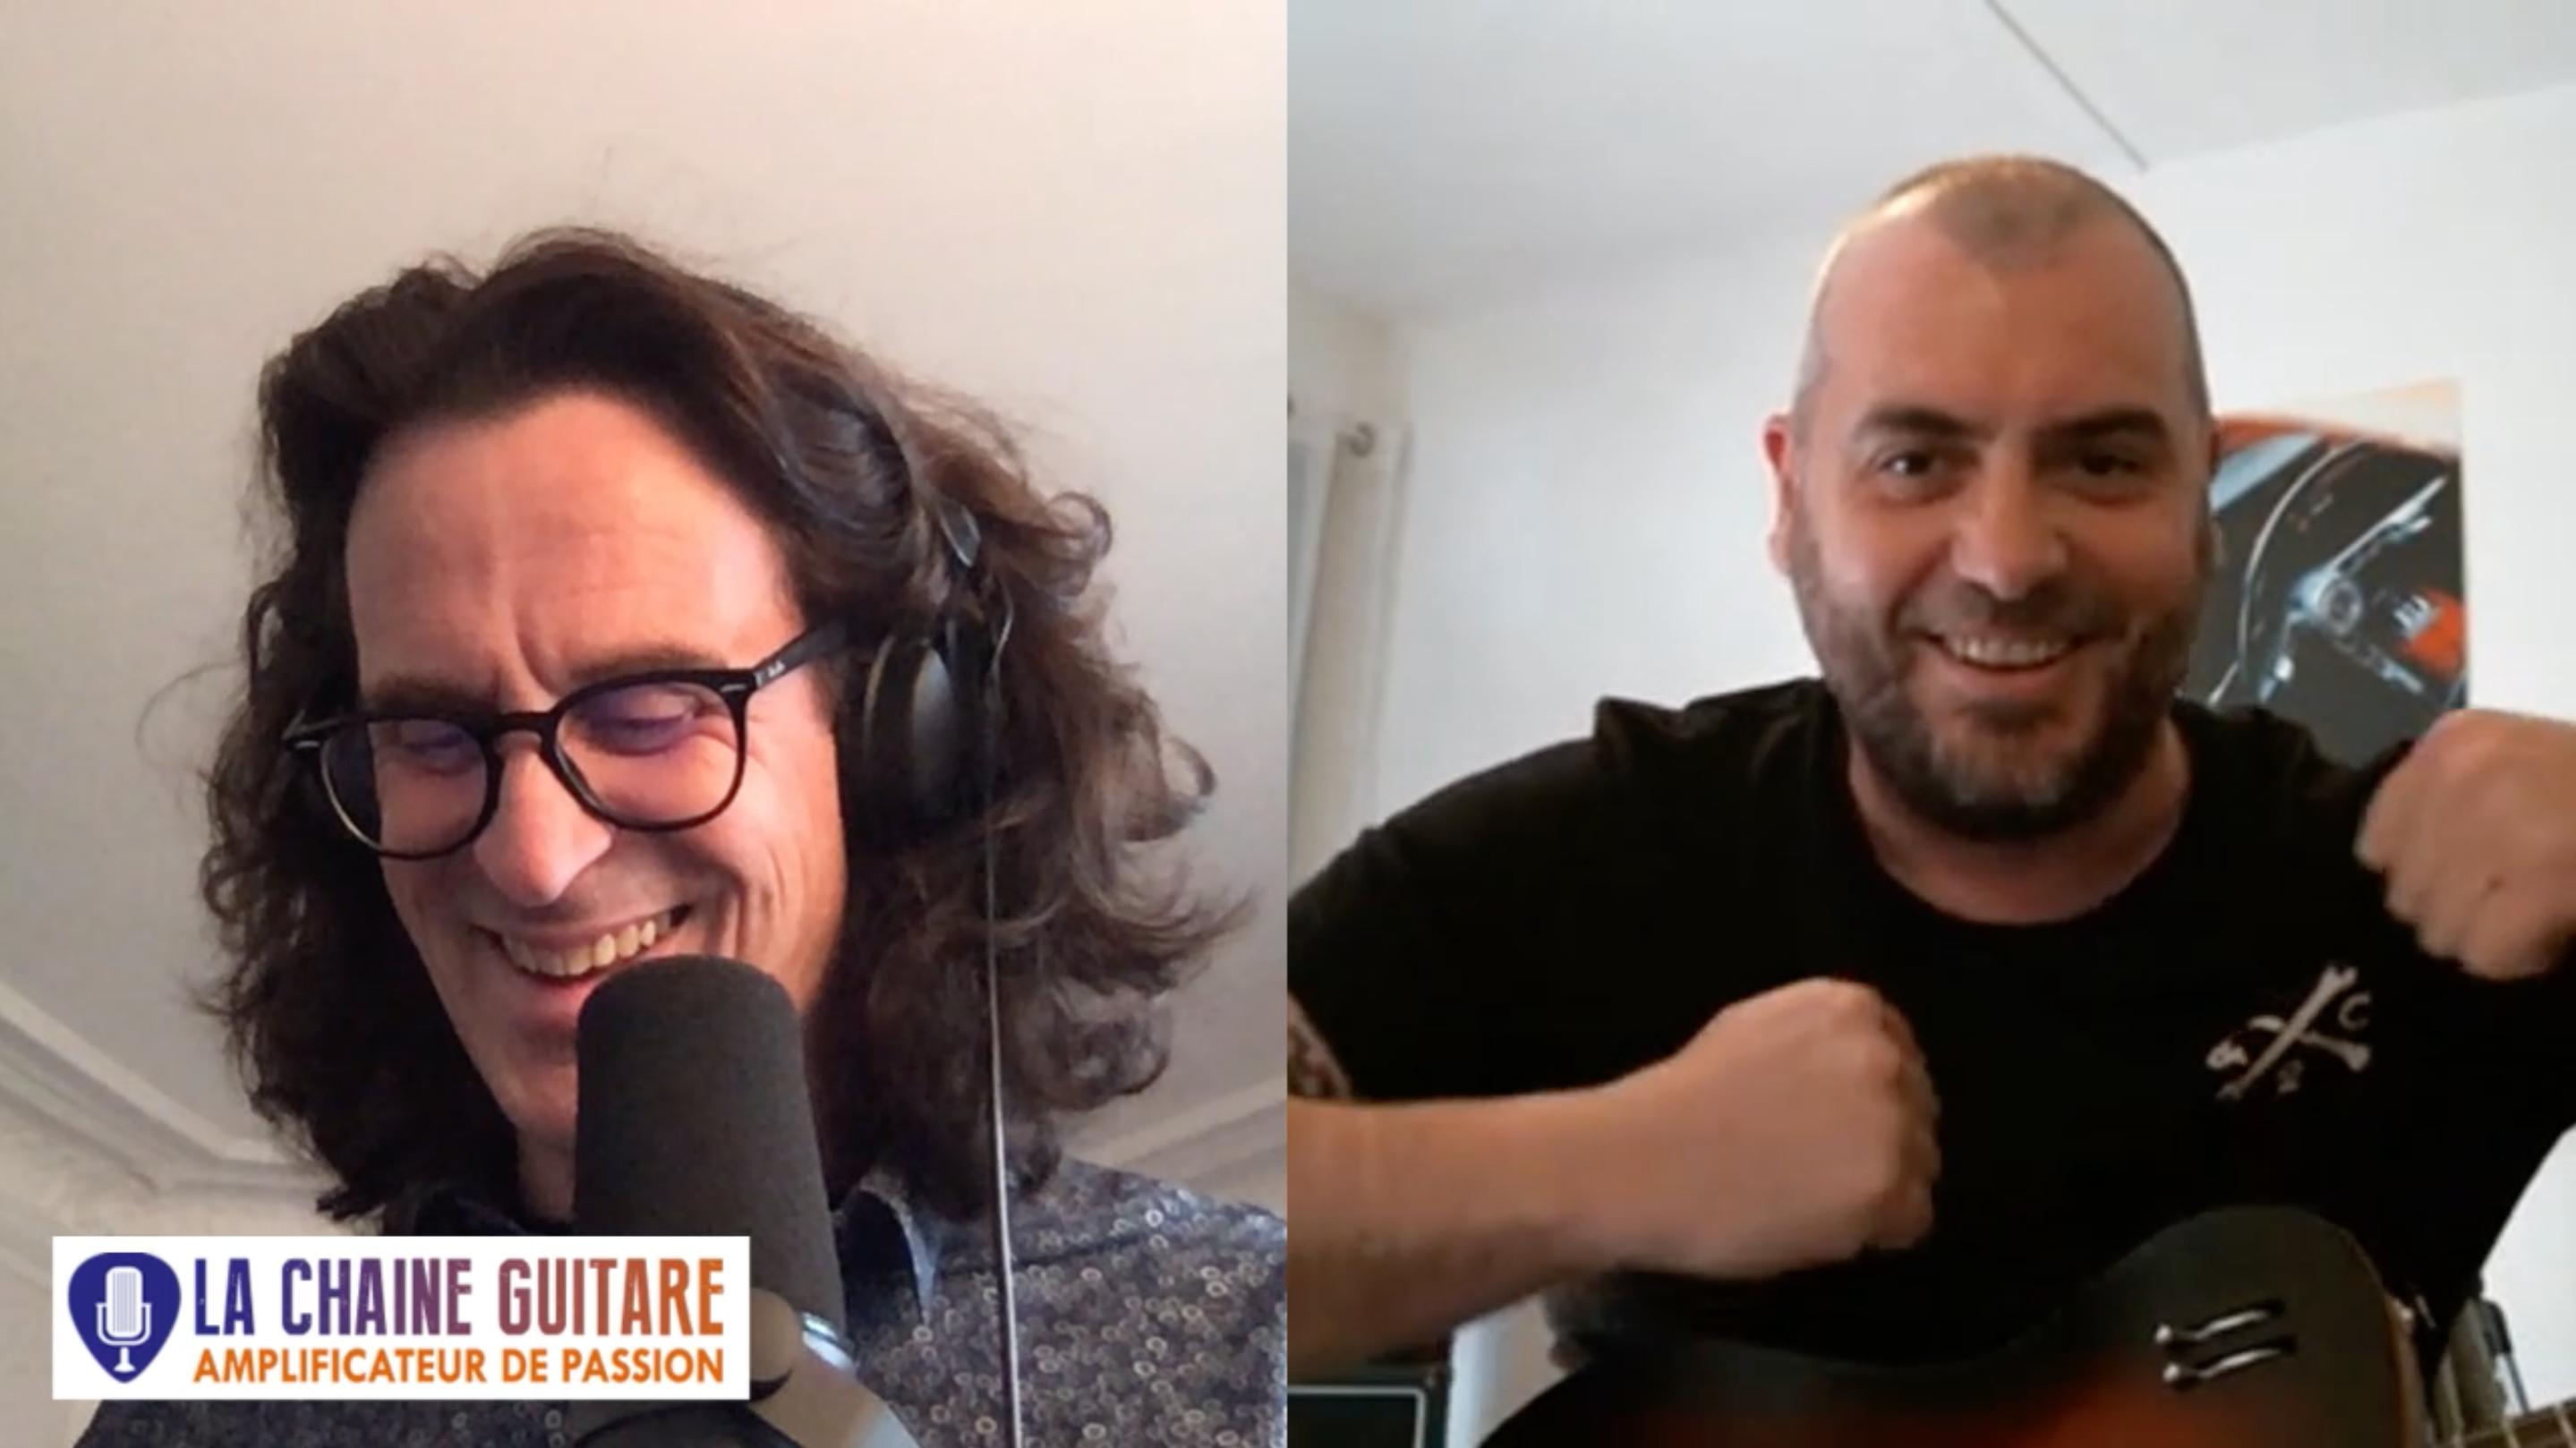 Richard Daudé guitariste et pédagogue en interview confinement